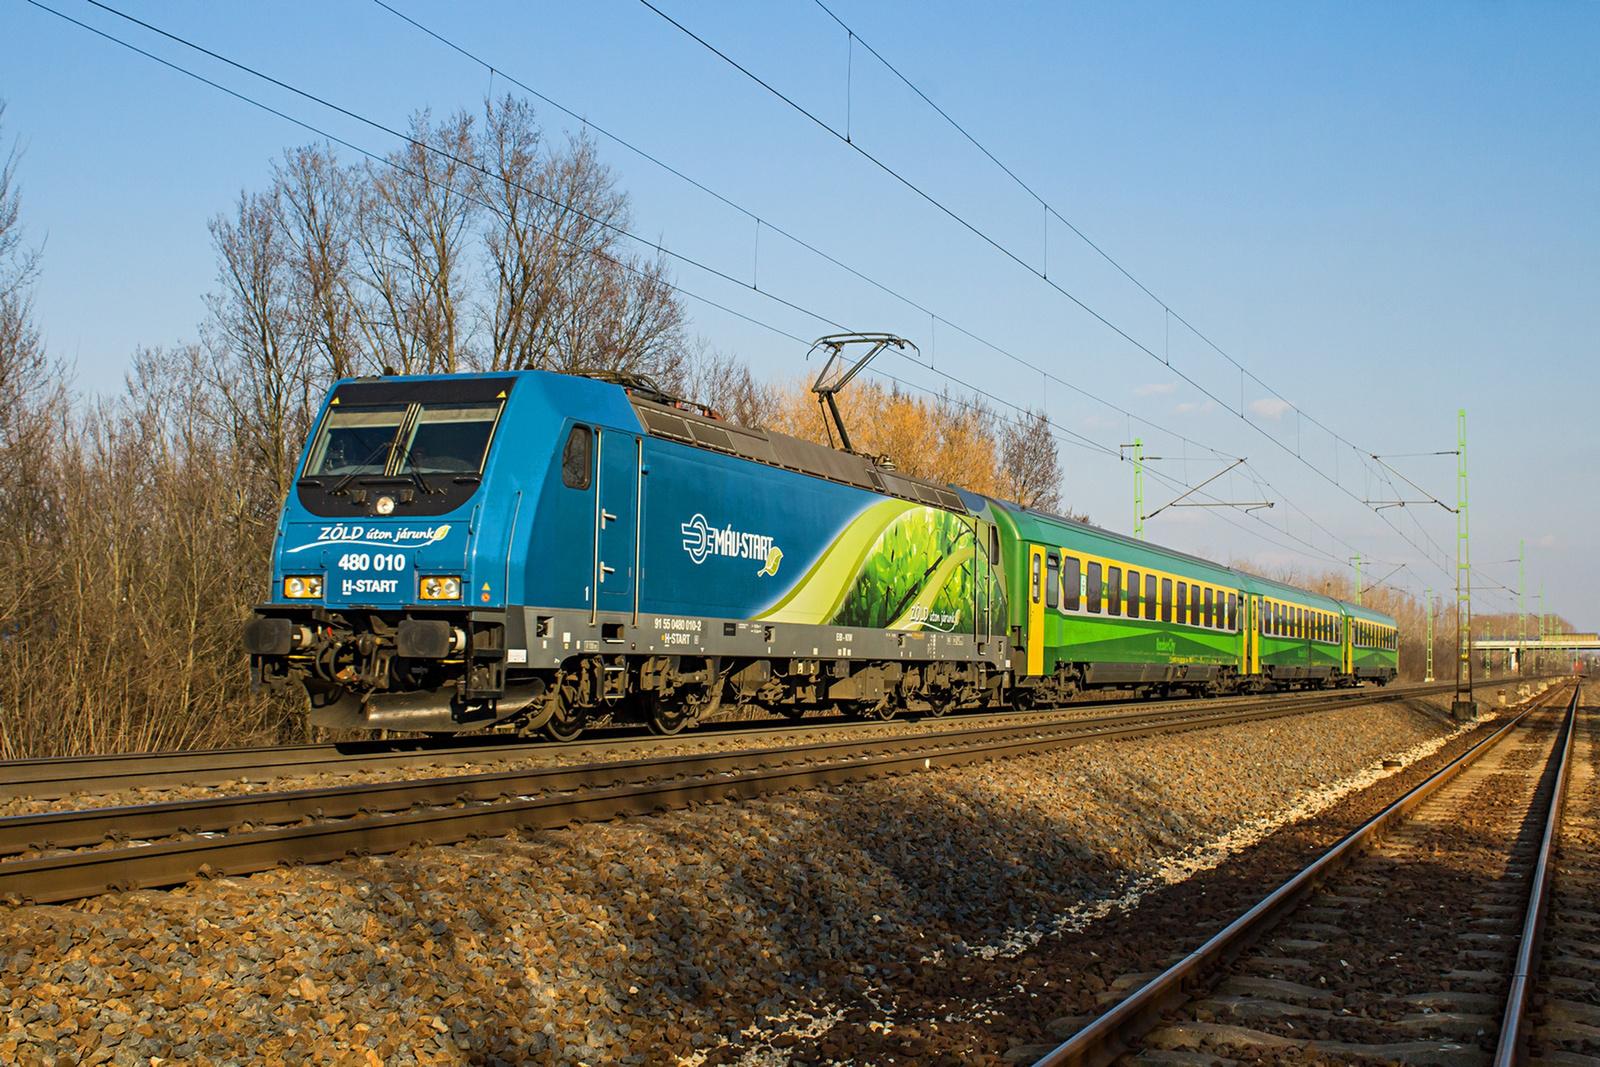 480 010 Budaörs (2021.03.10).02